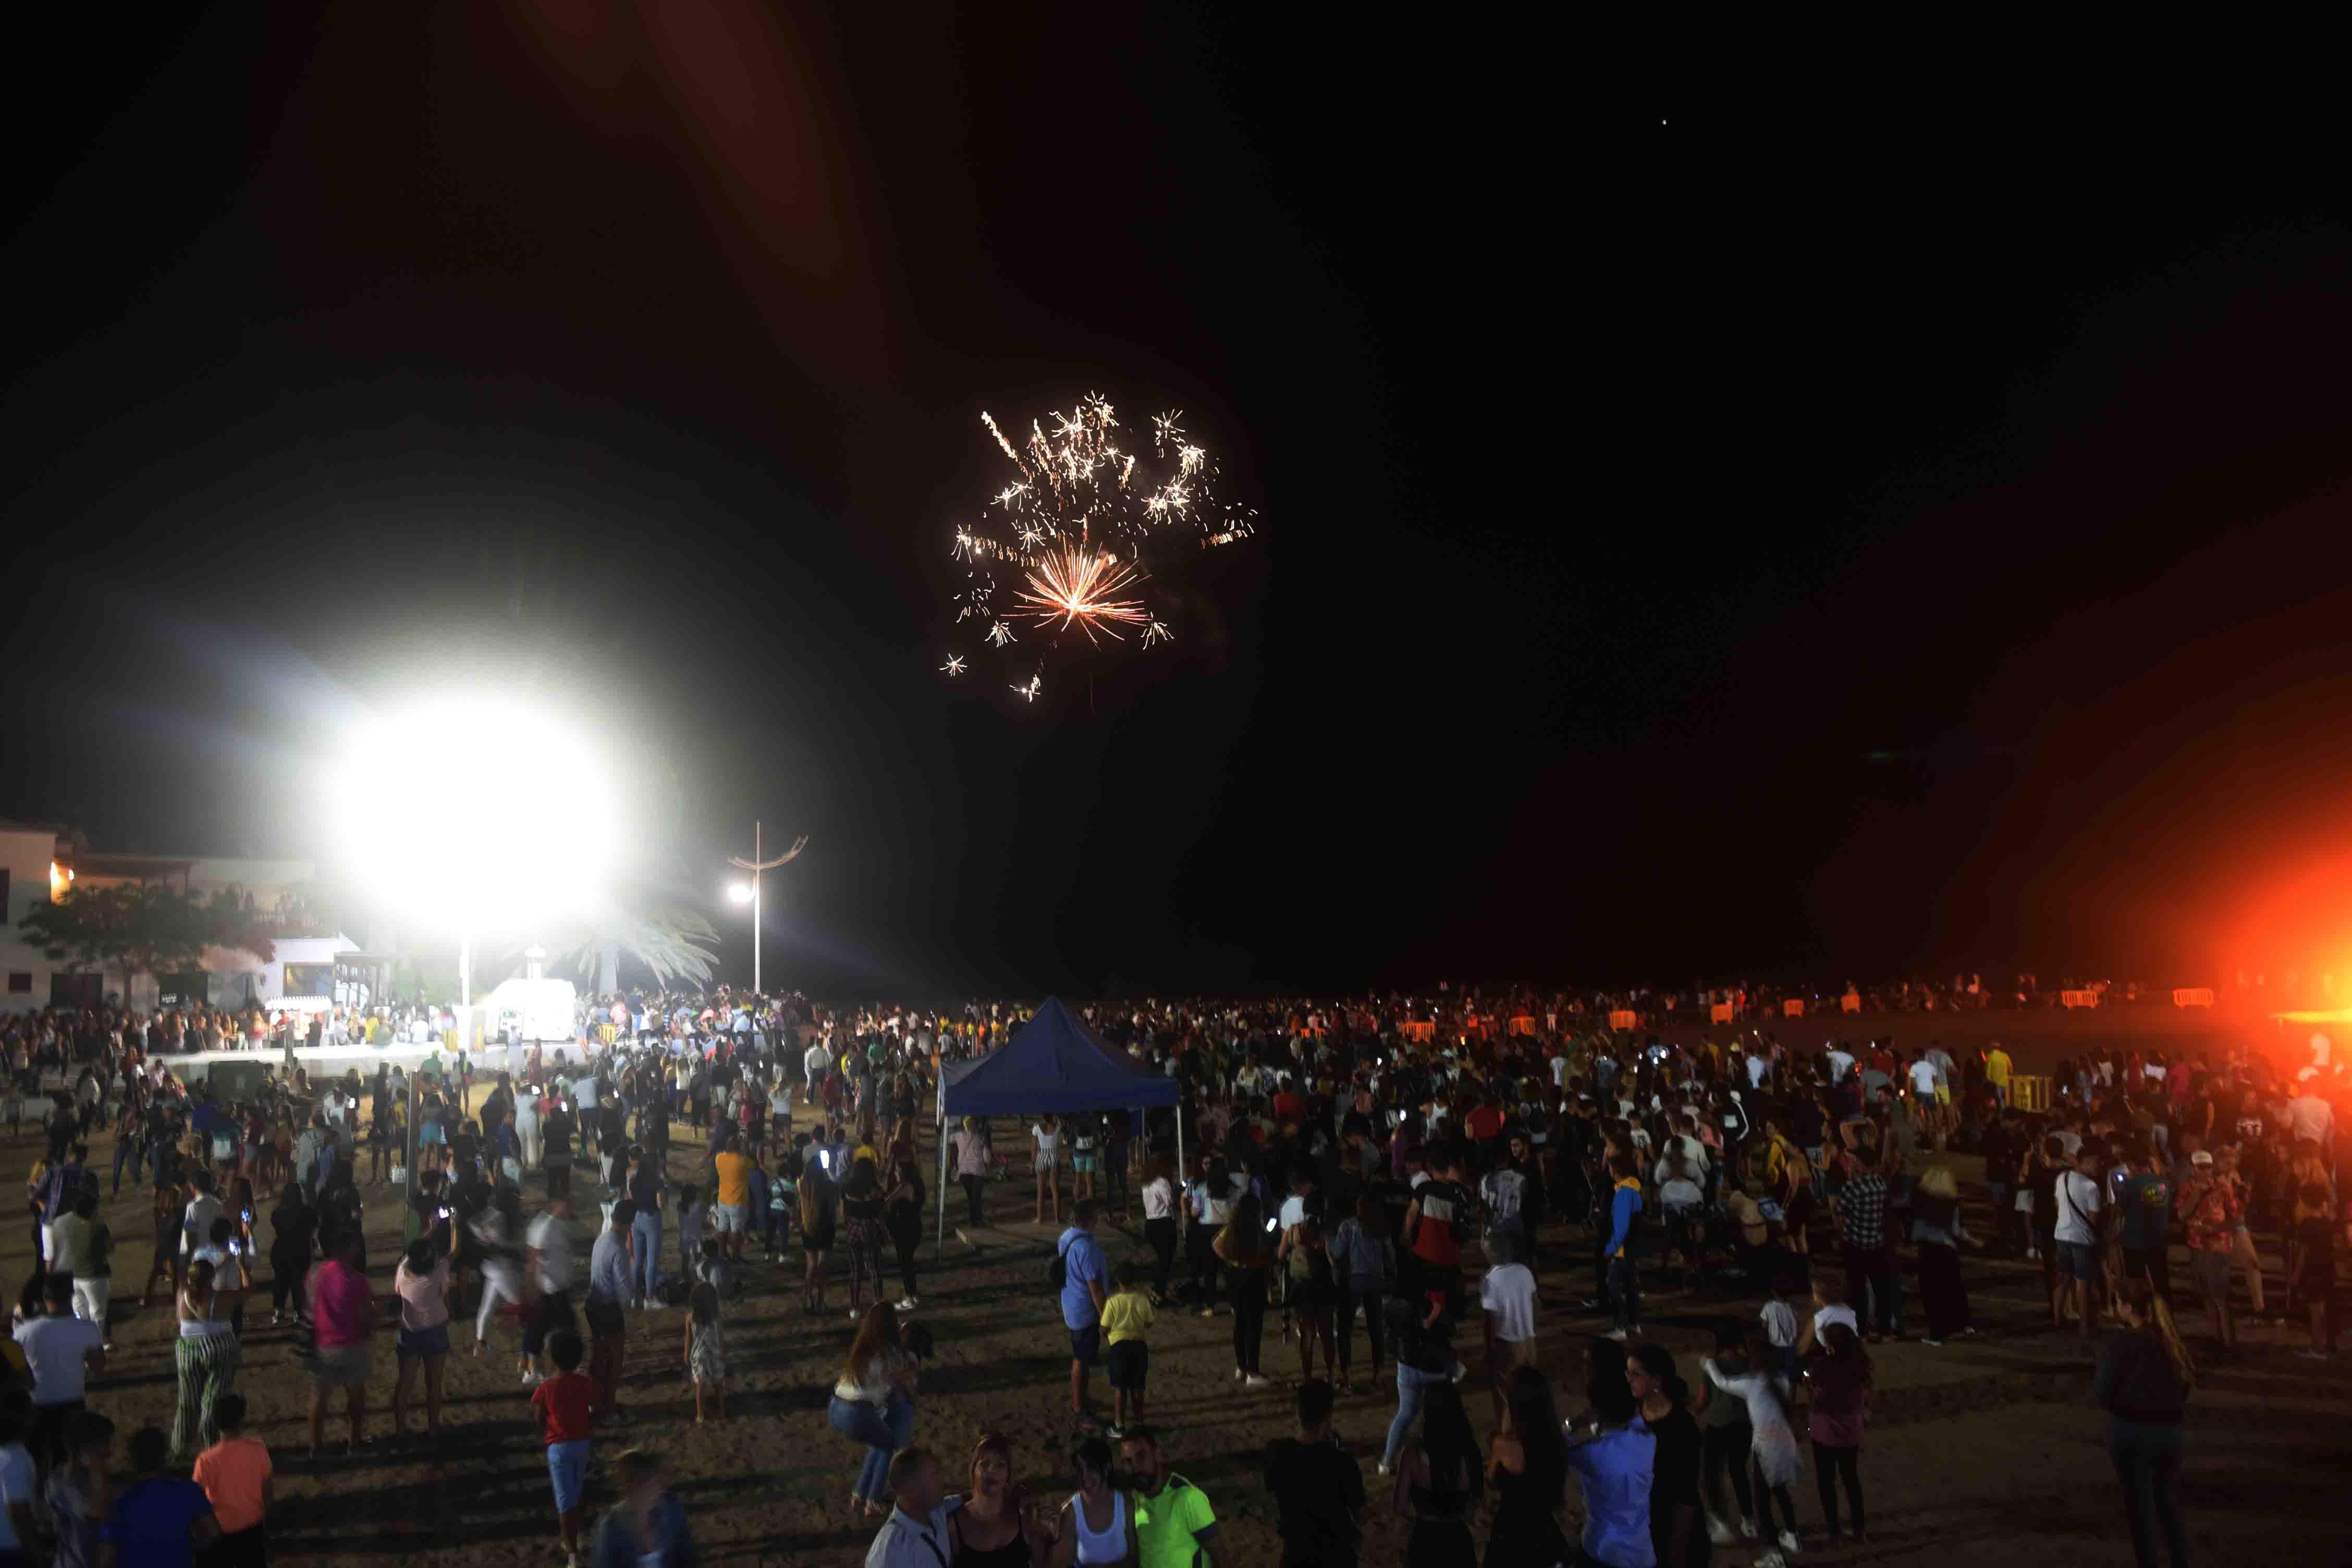 Playa Honda se consolida con la celebración multitudinaria de San Juan como referente insular de estos festejos